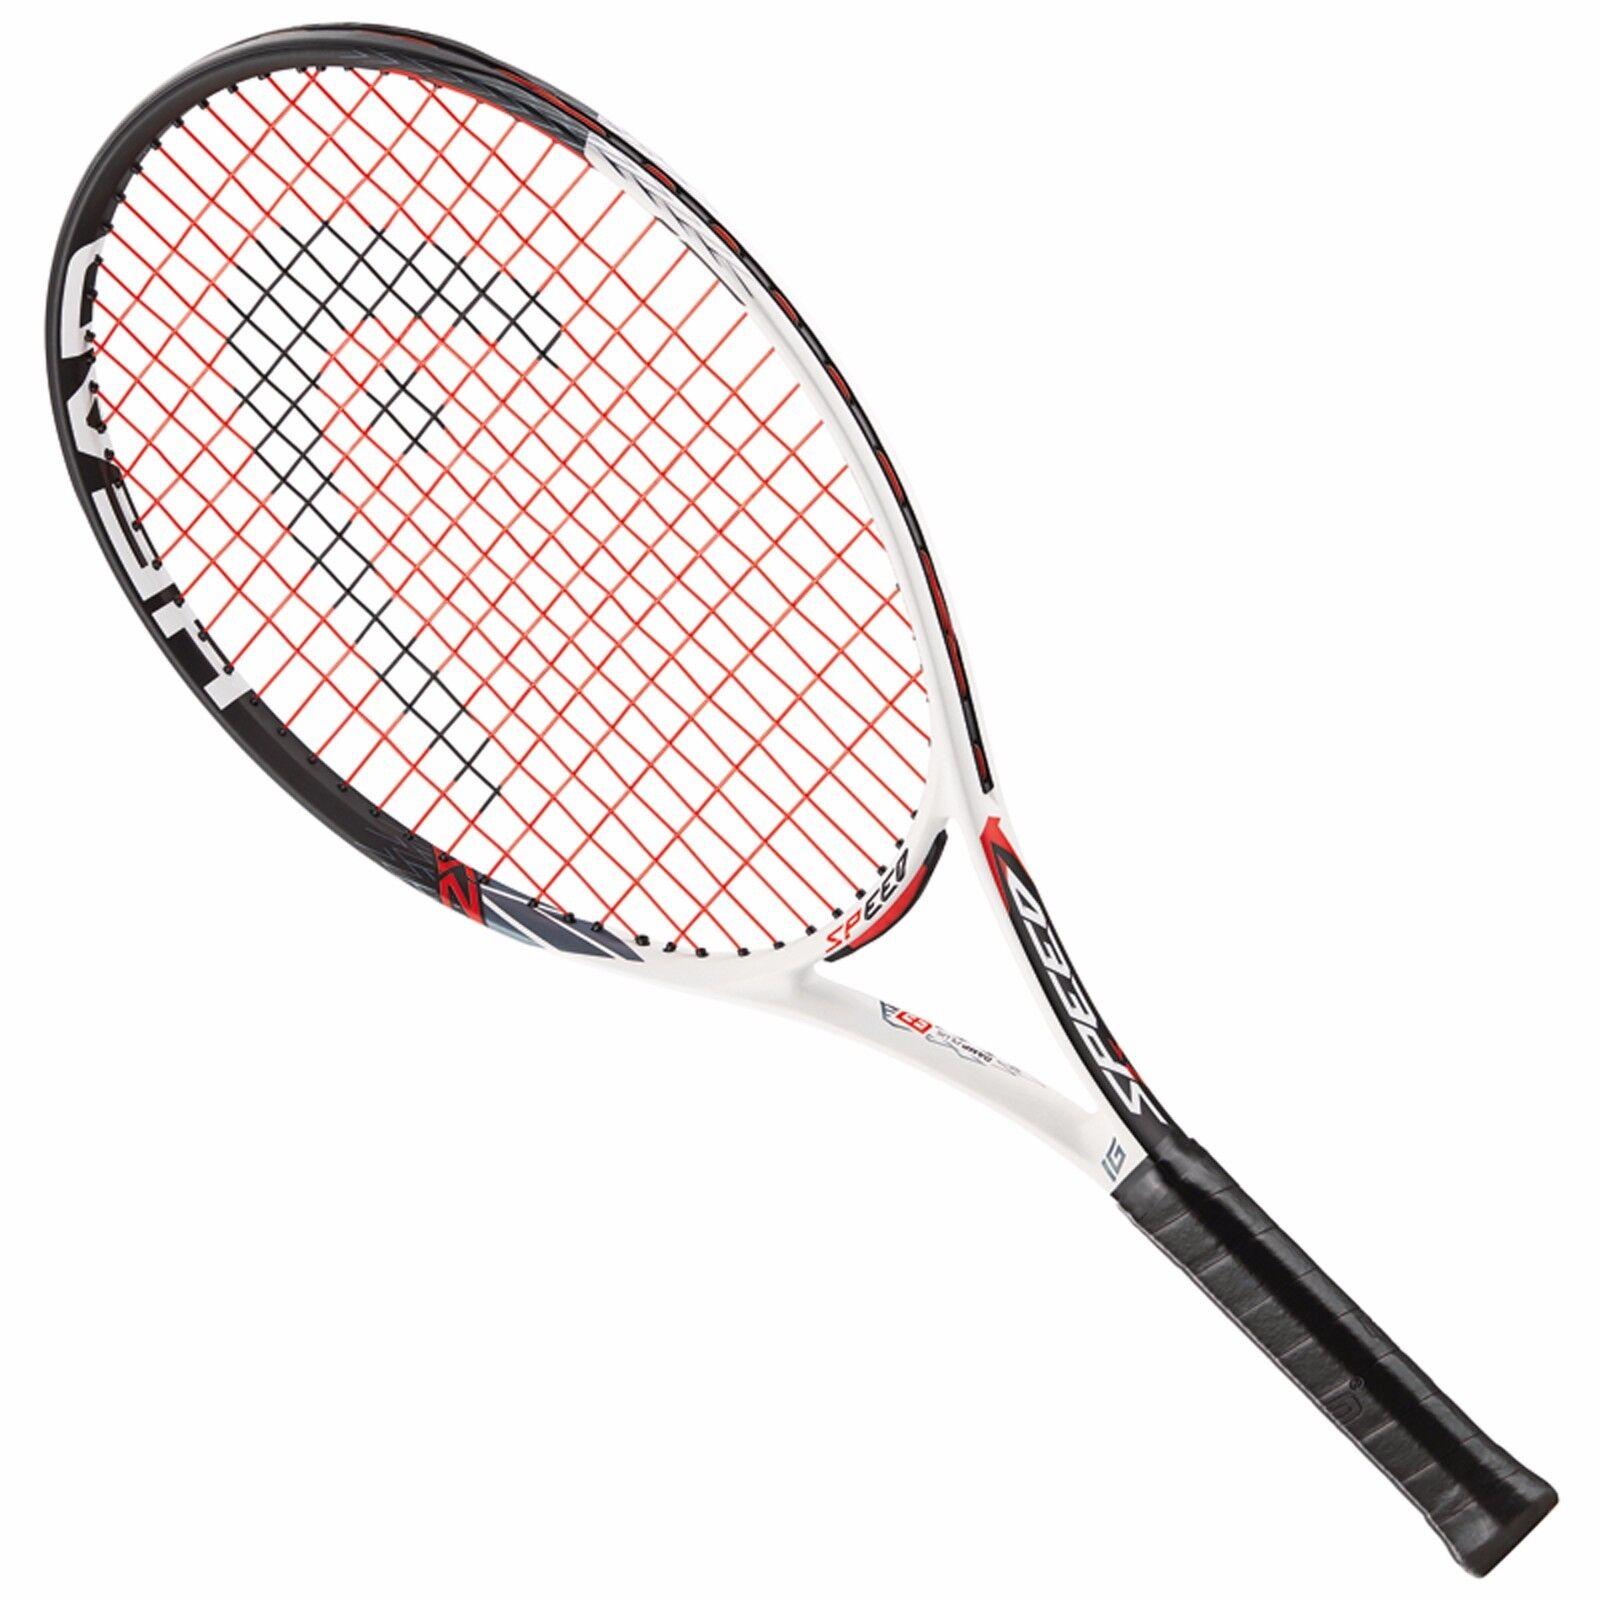 Racchetta da tennis Head speed junior misura 25 ragazzo ragazza età 8 9 10 anni